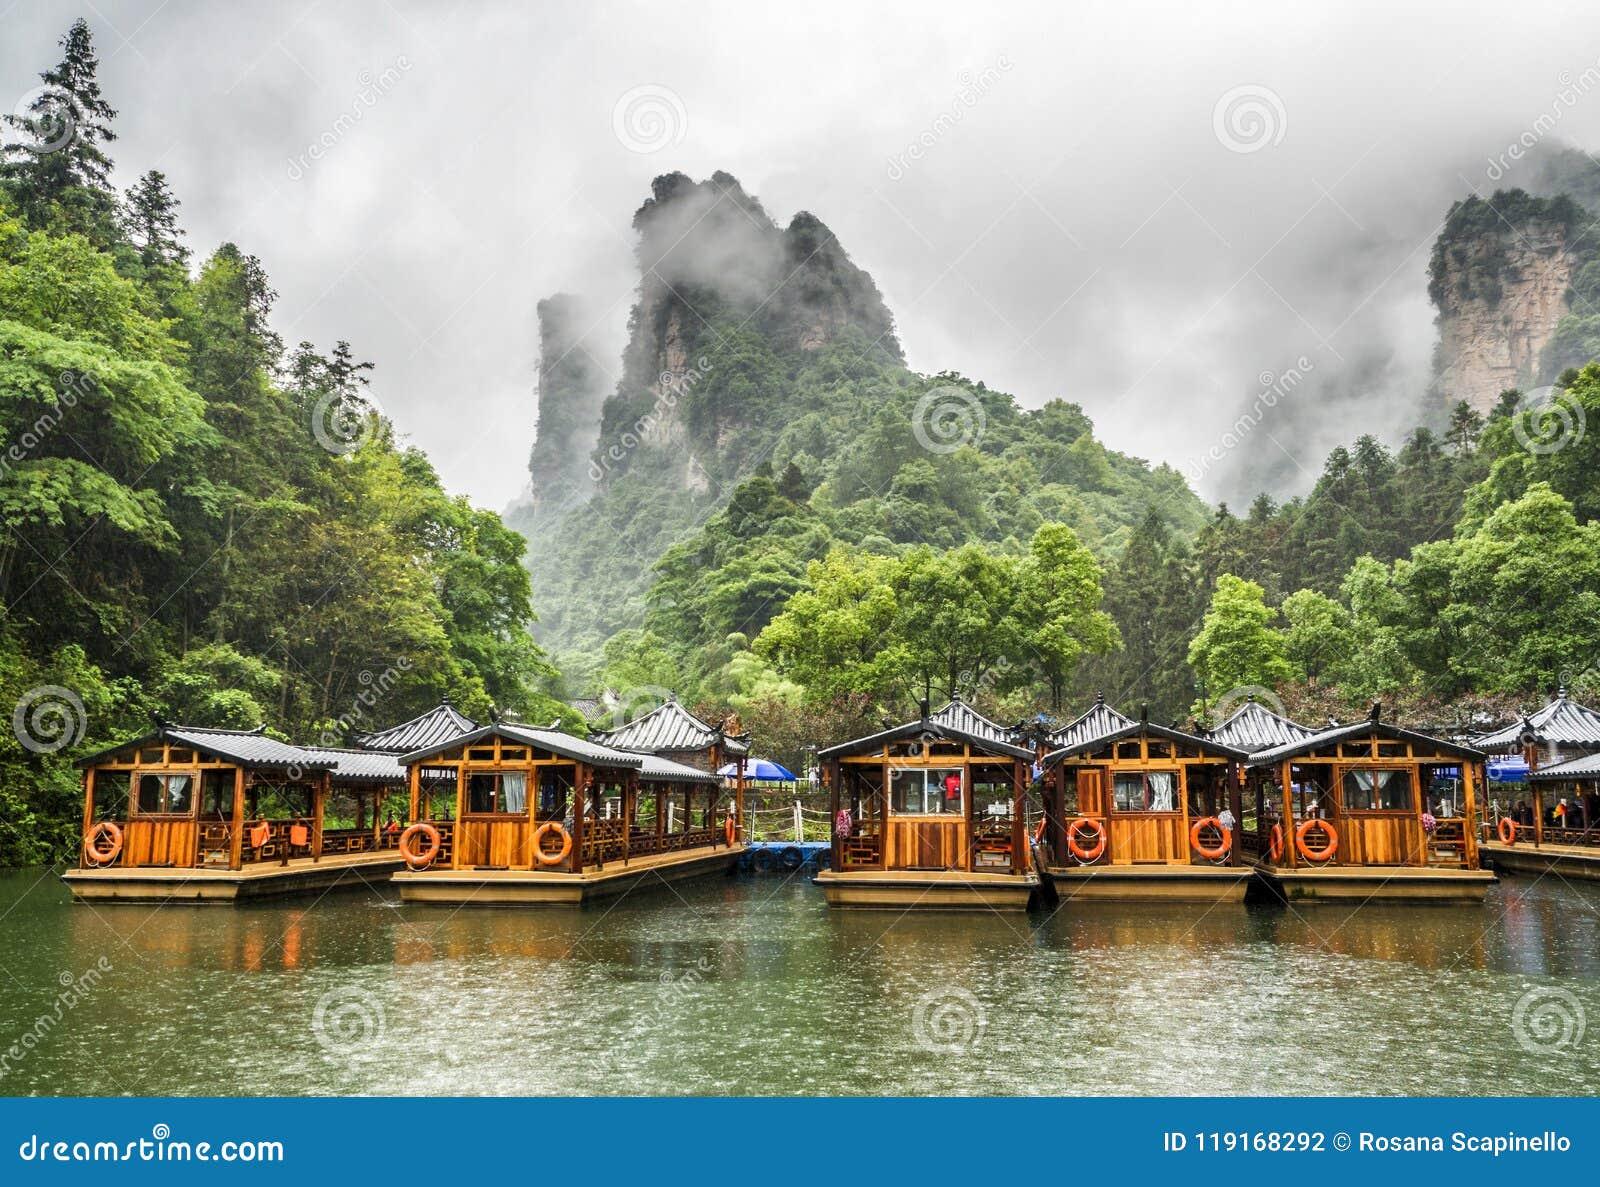 Baofeng tur för sjöfartyg i en regnig dag med moln och mist på Wulingyuan, Zhangjiajie medborgare Forest Park, Hunan landskap, Ki